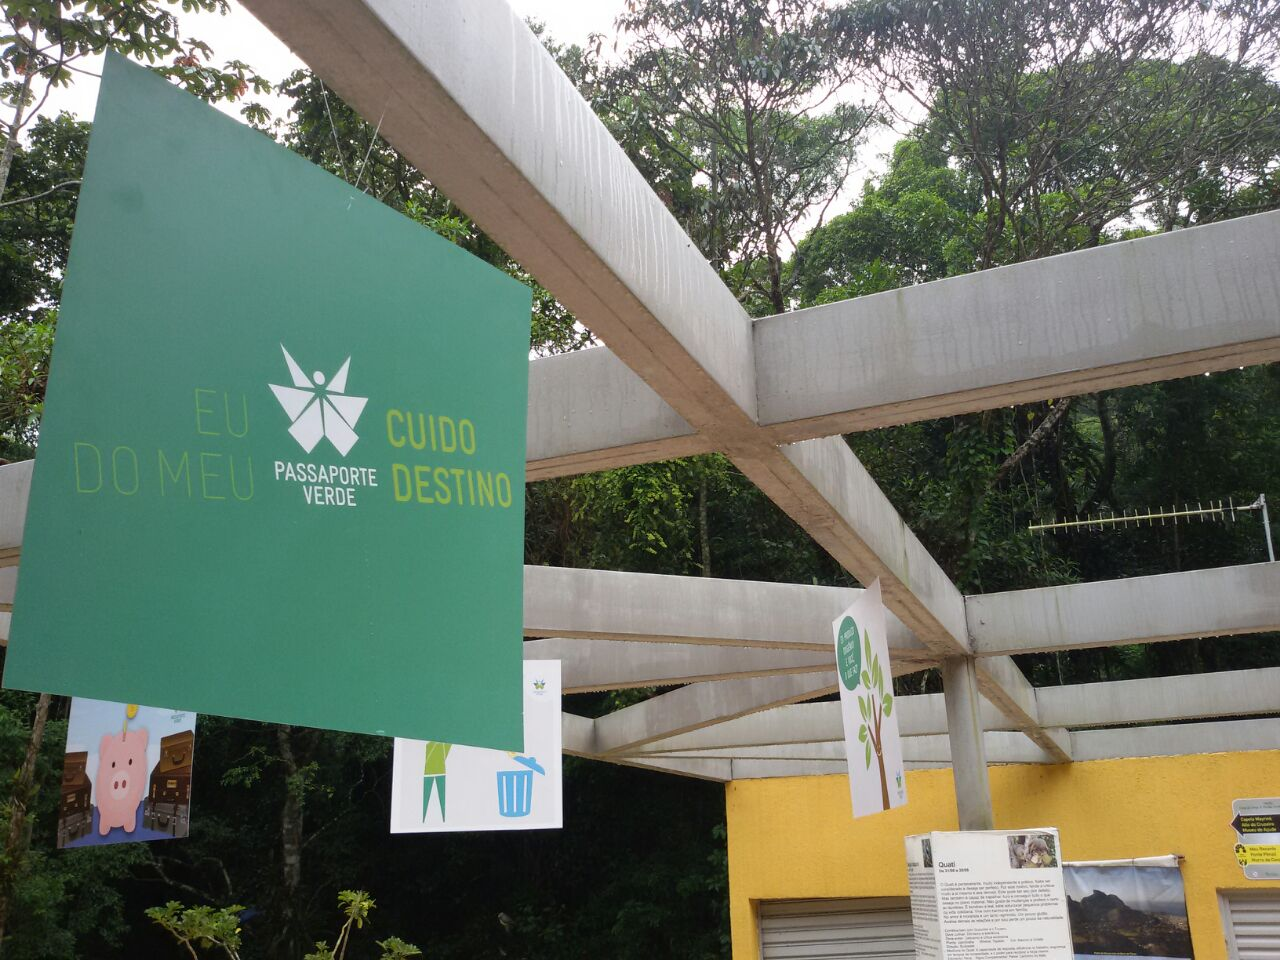 Campanha incentiva turismo responsável